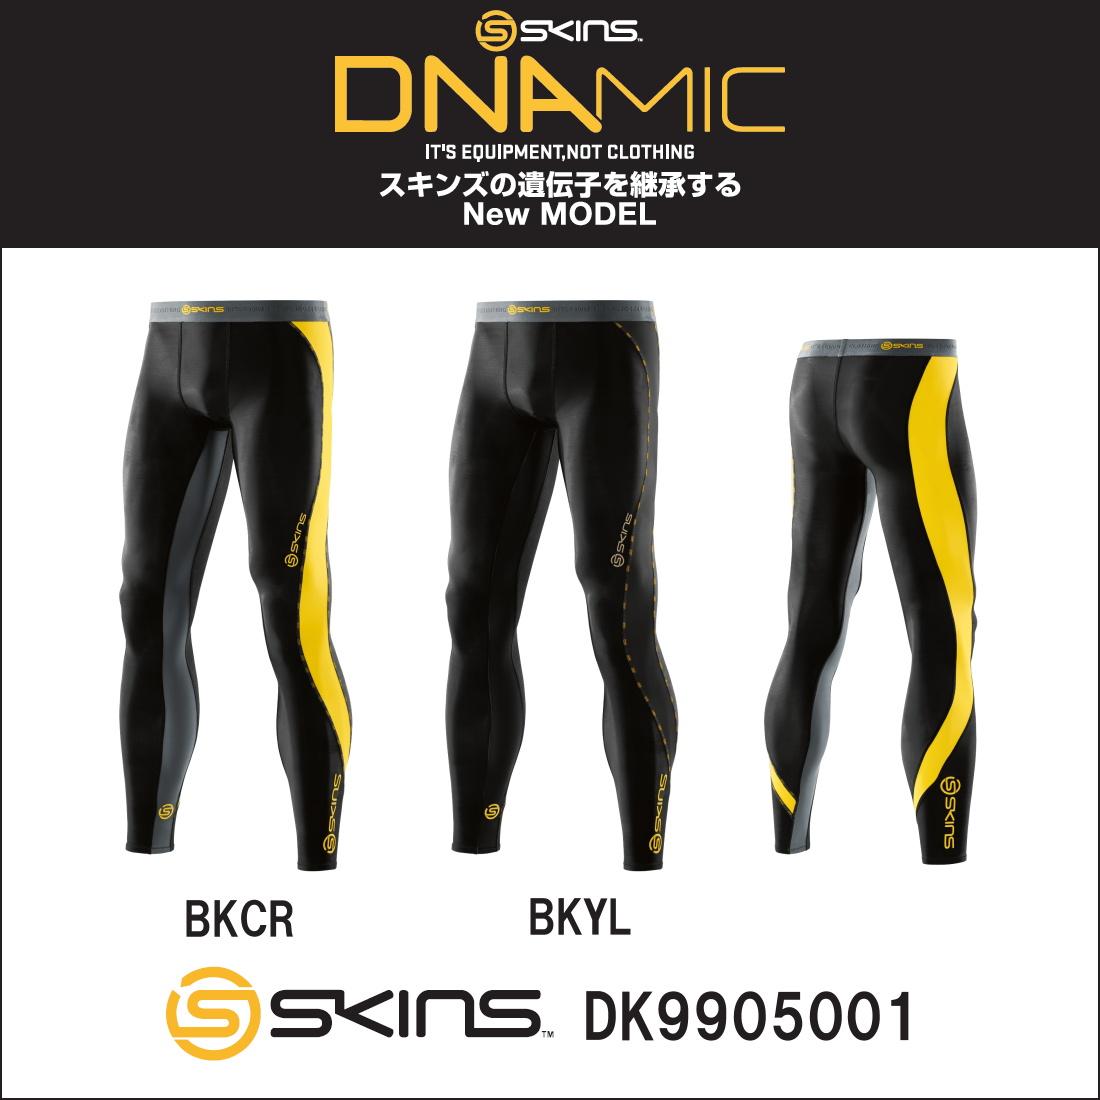 【DK9905001】SKINS(スキンズ) DNAMIC メンズ ロングタイツ【DYNAMIC COMPRESSION】[機能性インナー/ボディケア/コンプレッション]